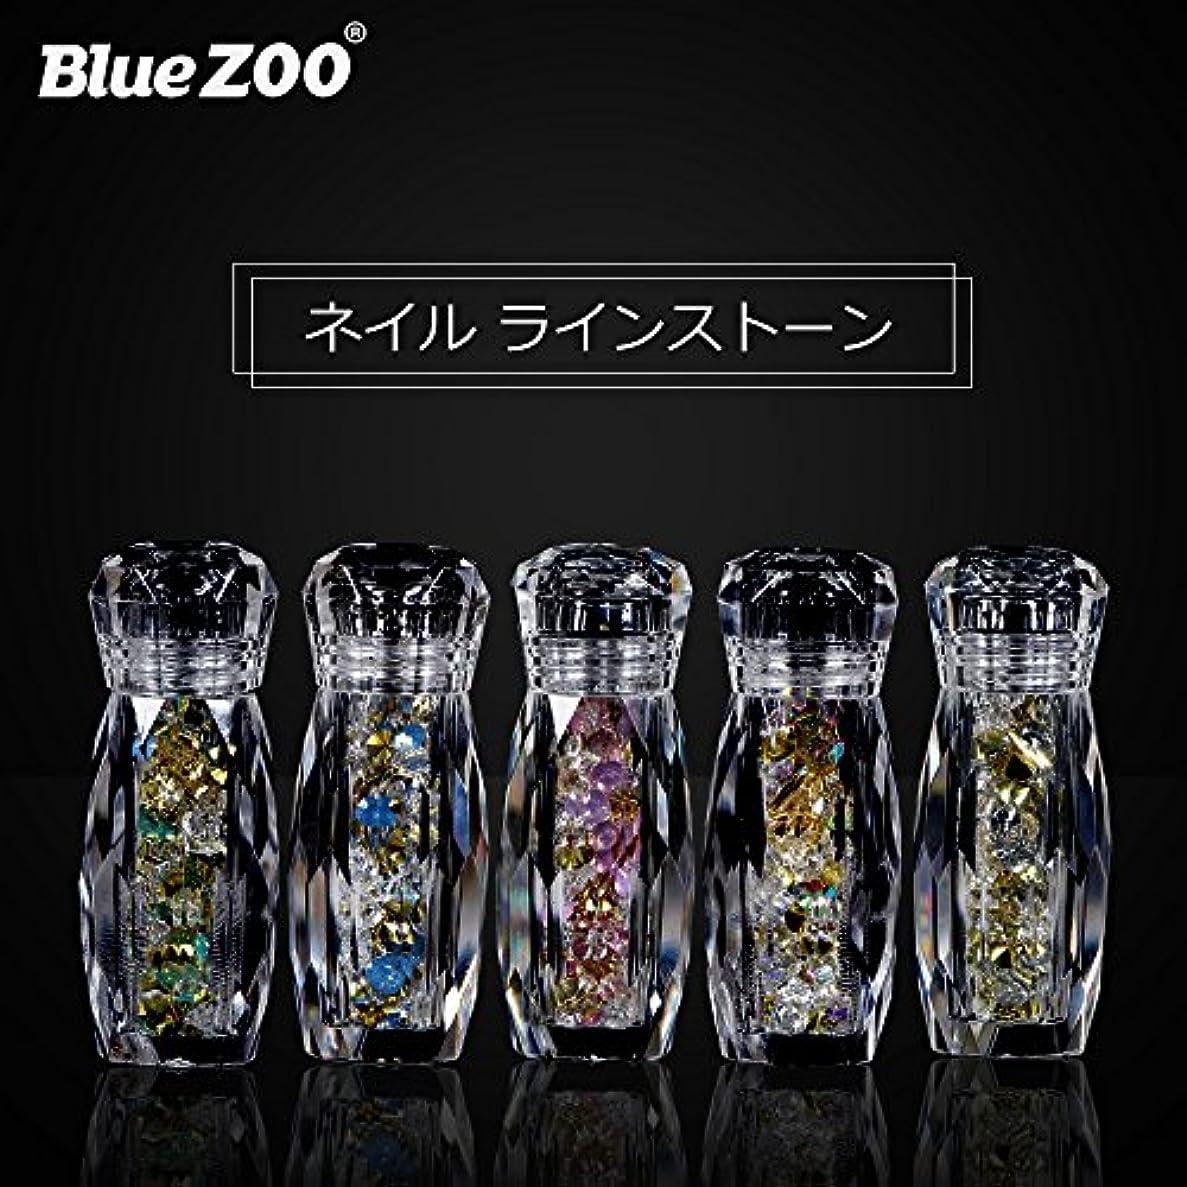 確立錆びスタイルBlueZOO (ブルーズー) 5本/セット クリスタルボトル マルチサイズ ネイルアクセサリー + Vカットダイヤモンド + ジェムサークル + タイニービーズ